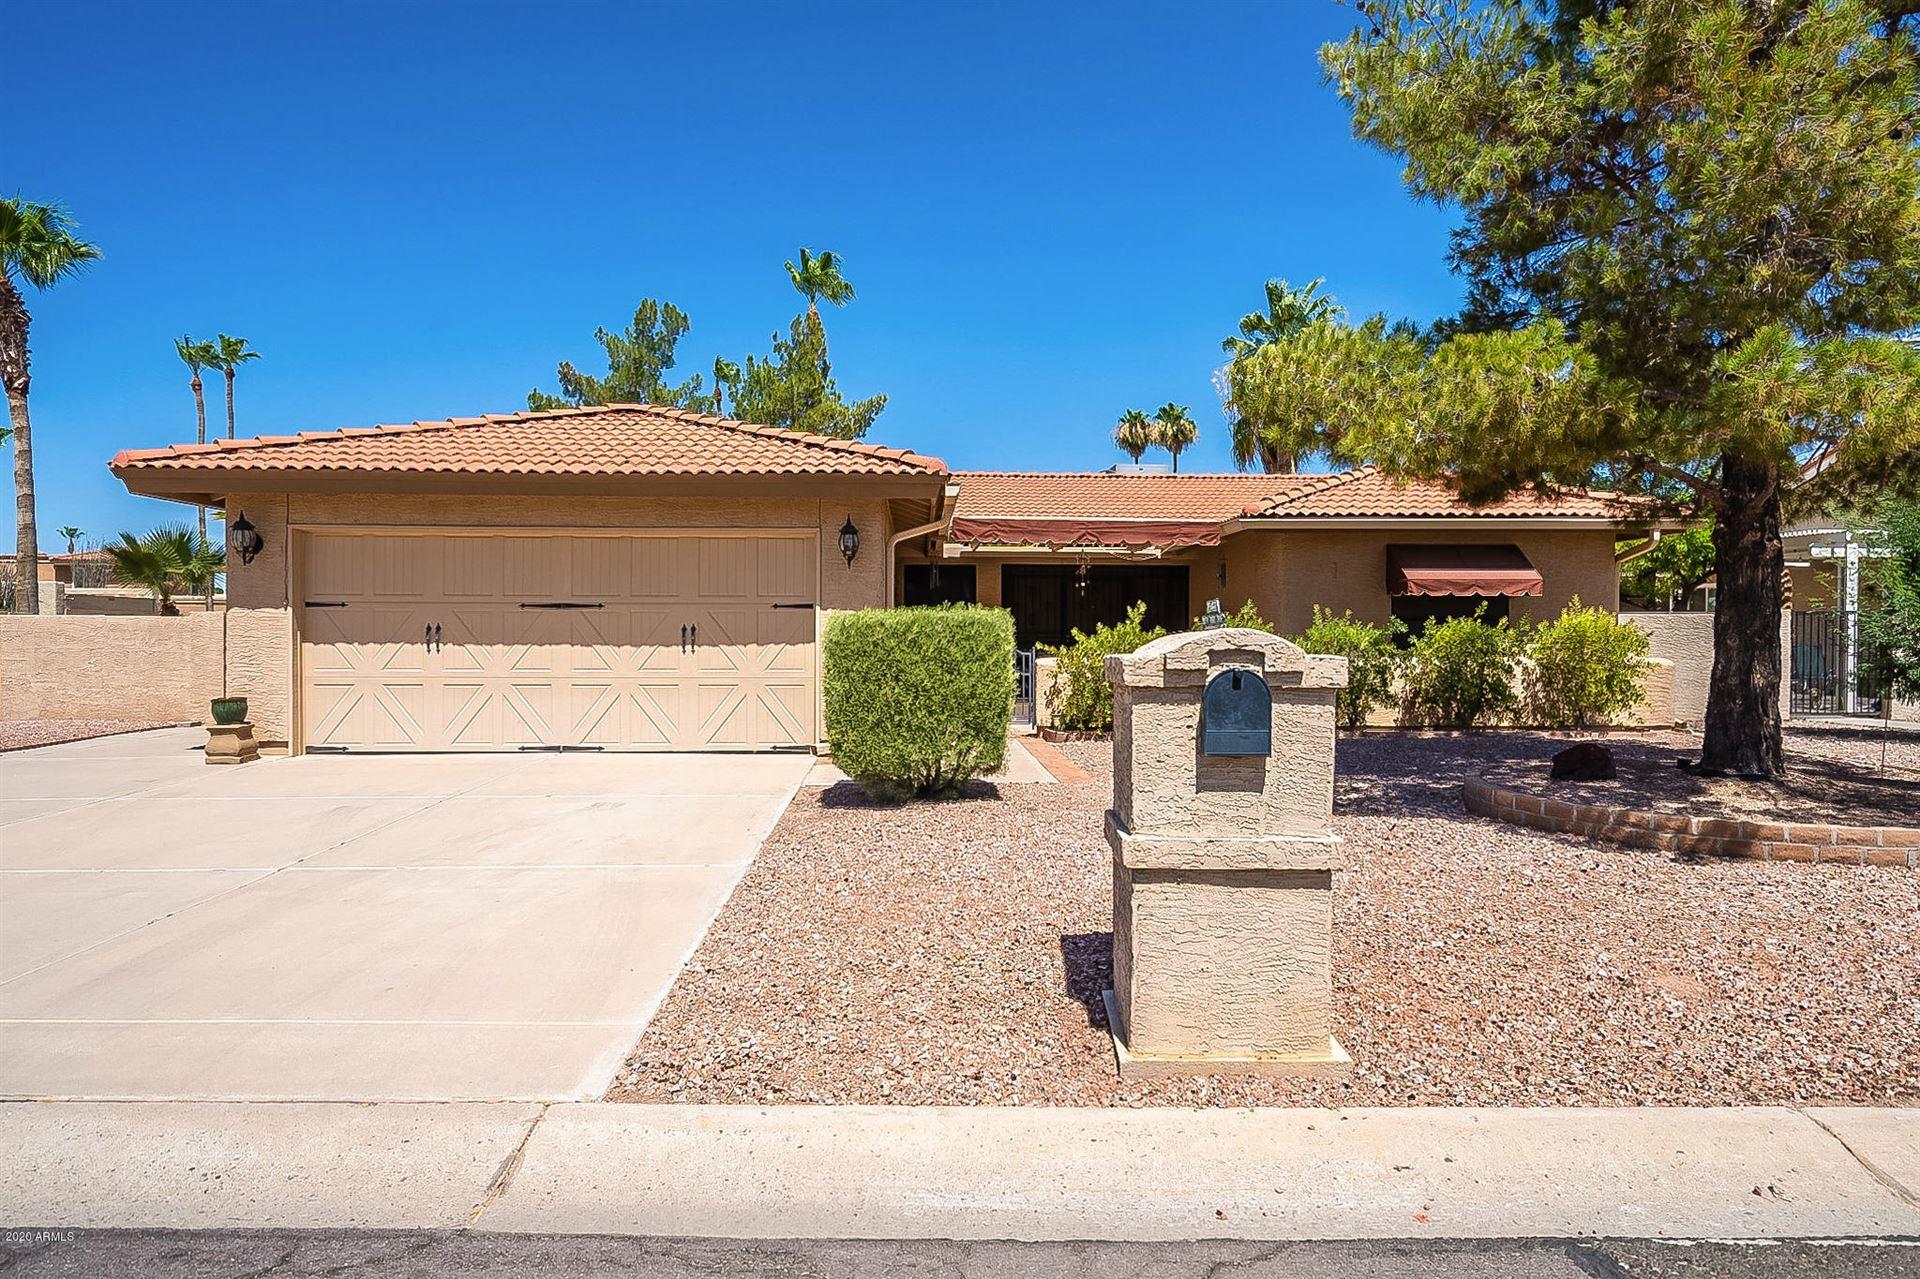 25468 S TRURO Drive, Sun Lakes, AZ 85248 - #: 6098437